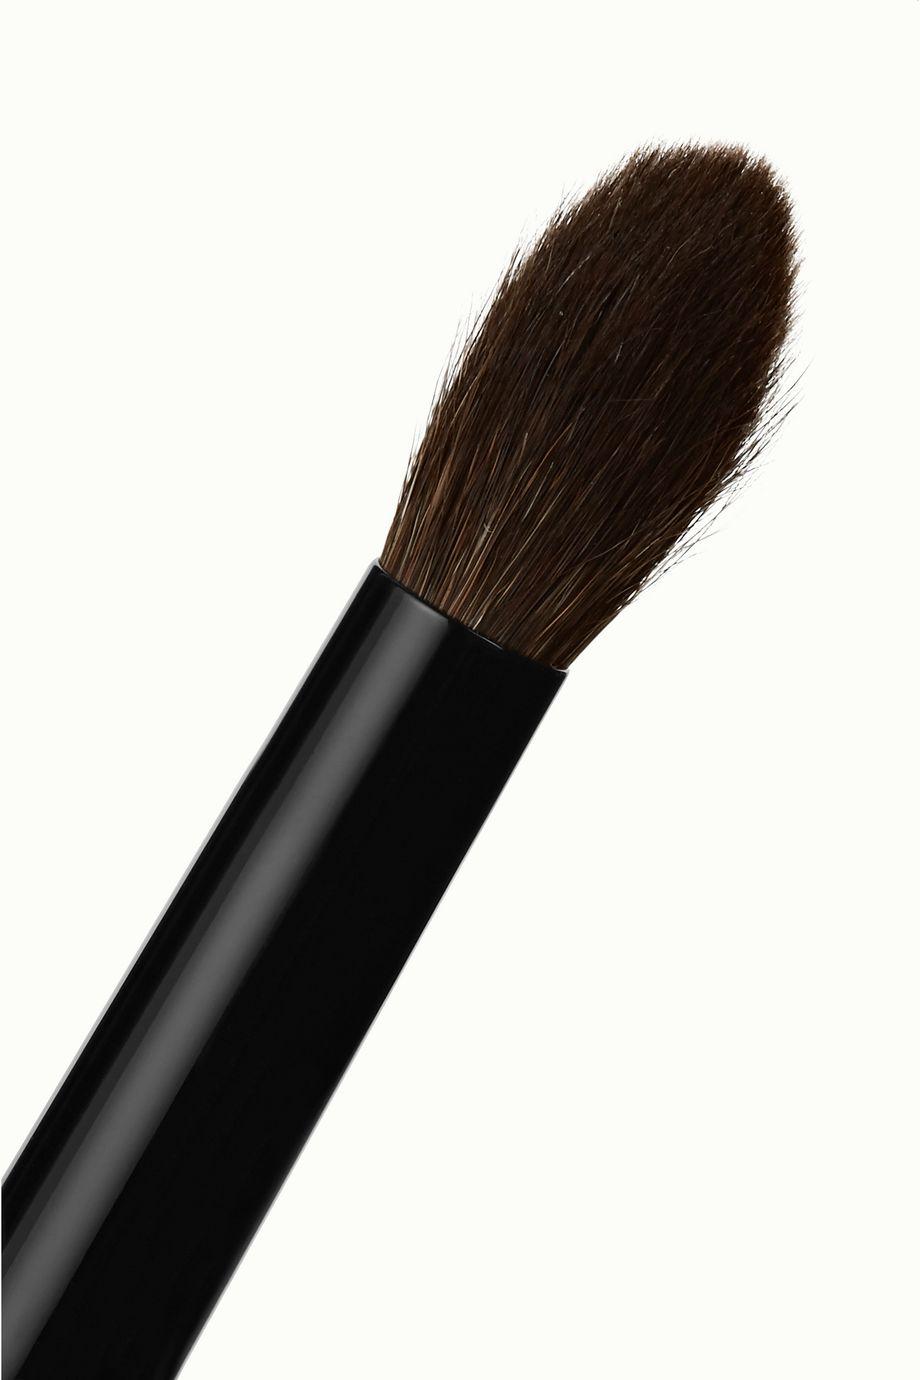 Rae Morris Jishaku 7.5 Deluxe Round Shader Brush